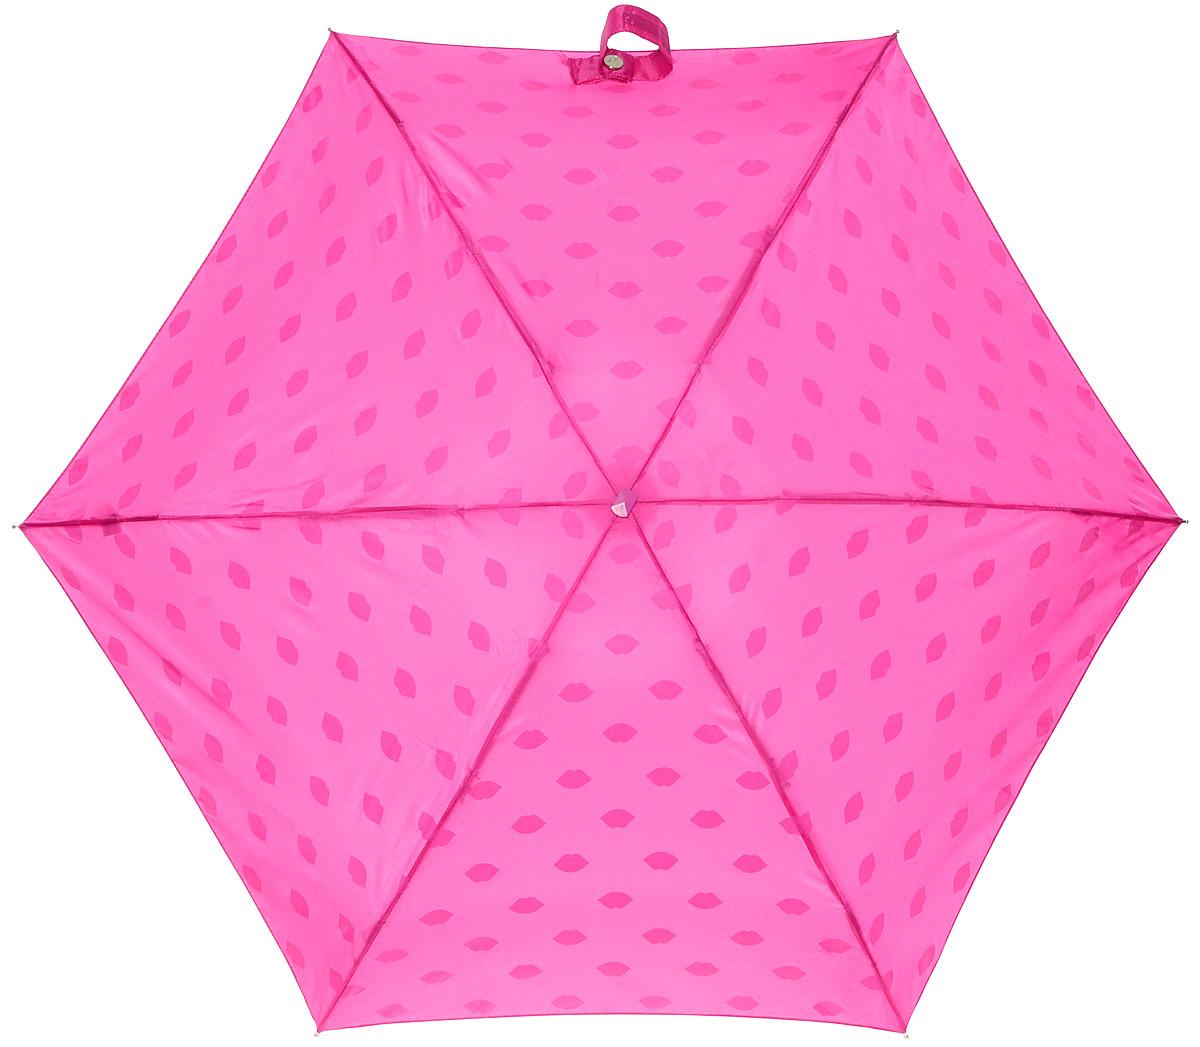 Зонт женский Lulu Guinness Tiny, механический, 5 сложений, цвет: фуксия, белый. L717-2781L717-2781 LipsPrintСтильный механический зонт Lulu Guinness Tiny в 5 сложений даже в ненастную погоду позволит вам оставаться элегантной. Облегченный каркас зонта выполнен из 6 спиц из фибергласса и алюминия, стержень также изготовлен из алюминия, удобная рукоятка - из пластика. Купол зонта выполнен из прочного полиэстера. В закрытом виде застегивается хлястиком на липучке. Яркий оригинальный принт в виде изображения губ поднимет настроение в дождливый день. Зонт механического сложения: купол открывается и закрывается вручную до характерного щелчка. На рукоятке для удобства есть небольшой шнурок, позволяющий надеть зонт на руку тогда, когда это будет необходимо. К зонту прилагается чехол с небольшой нашивкой с названием бренда. Такой зонт компактно располагается в кармане, сумочке, дверке автомобиля.